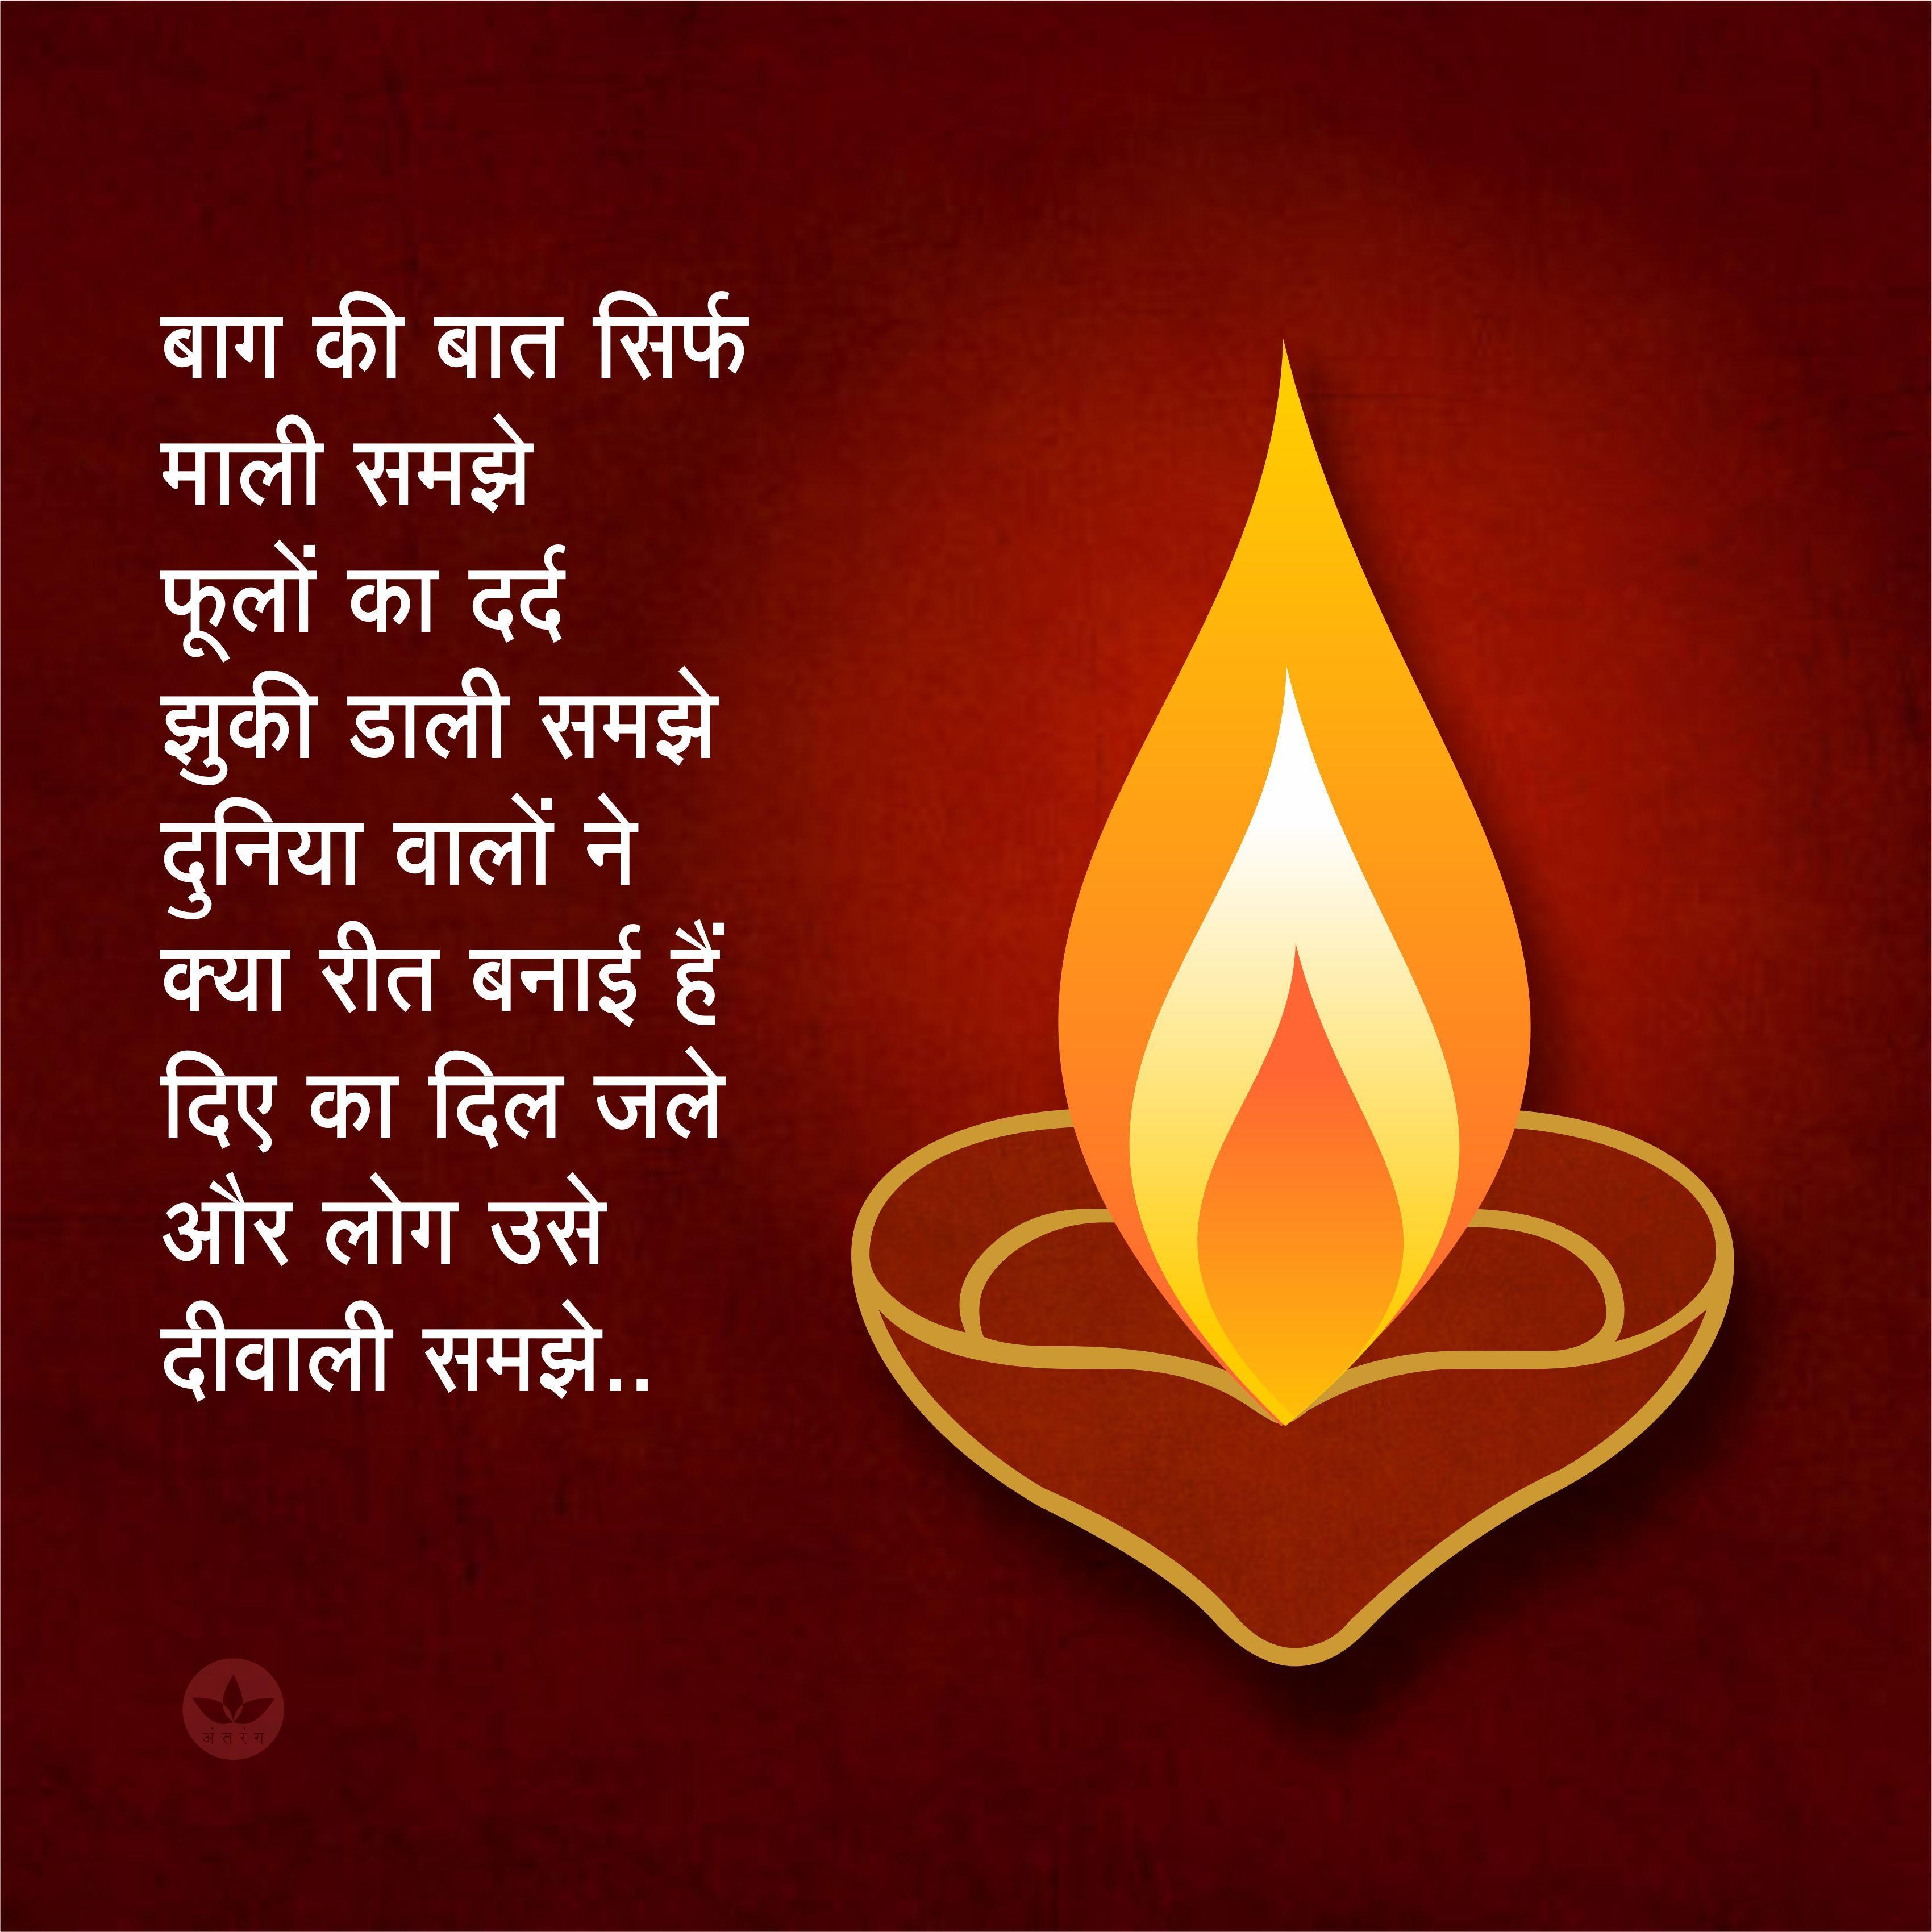 Pin By Nilesh Gitay On Shayari Festival Quotes Happy Diwali Shayari Mom Quotes